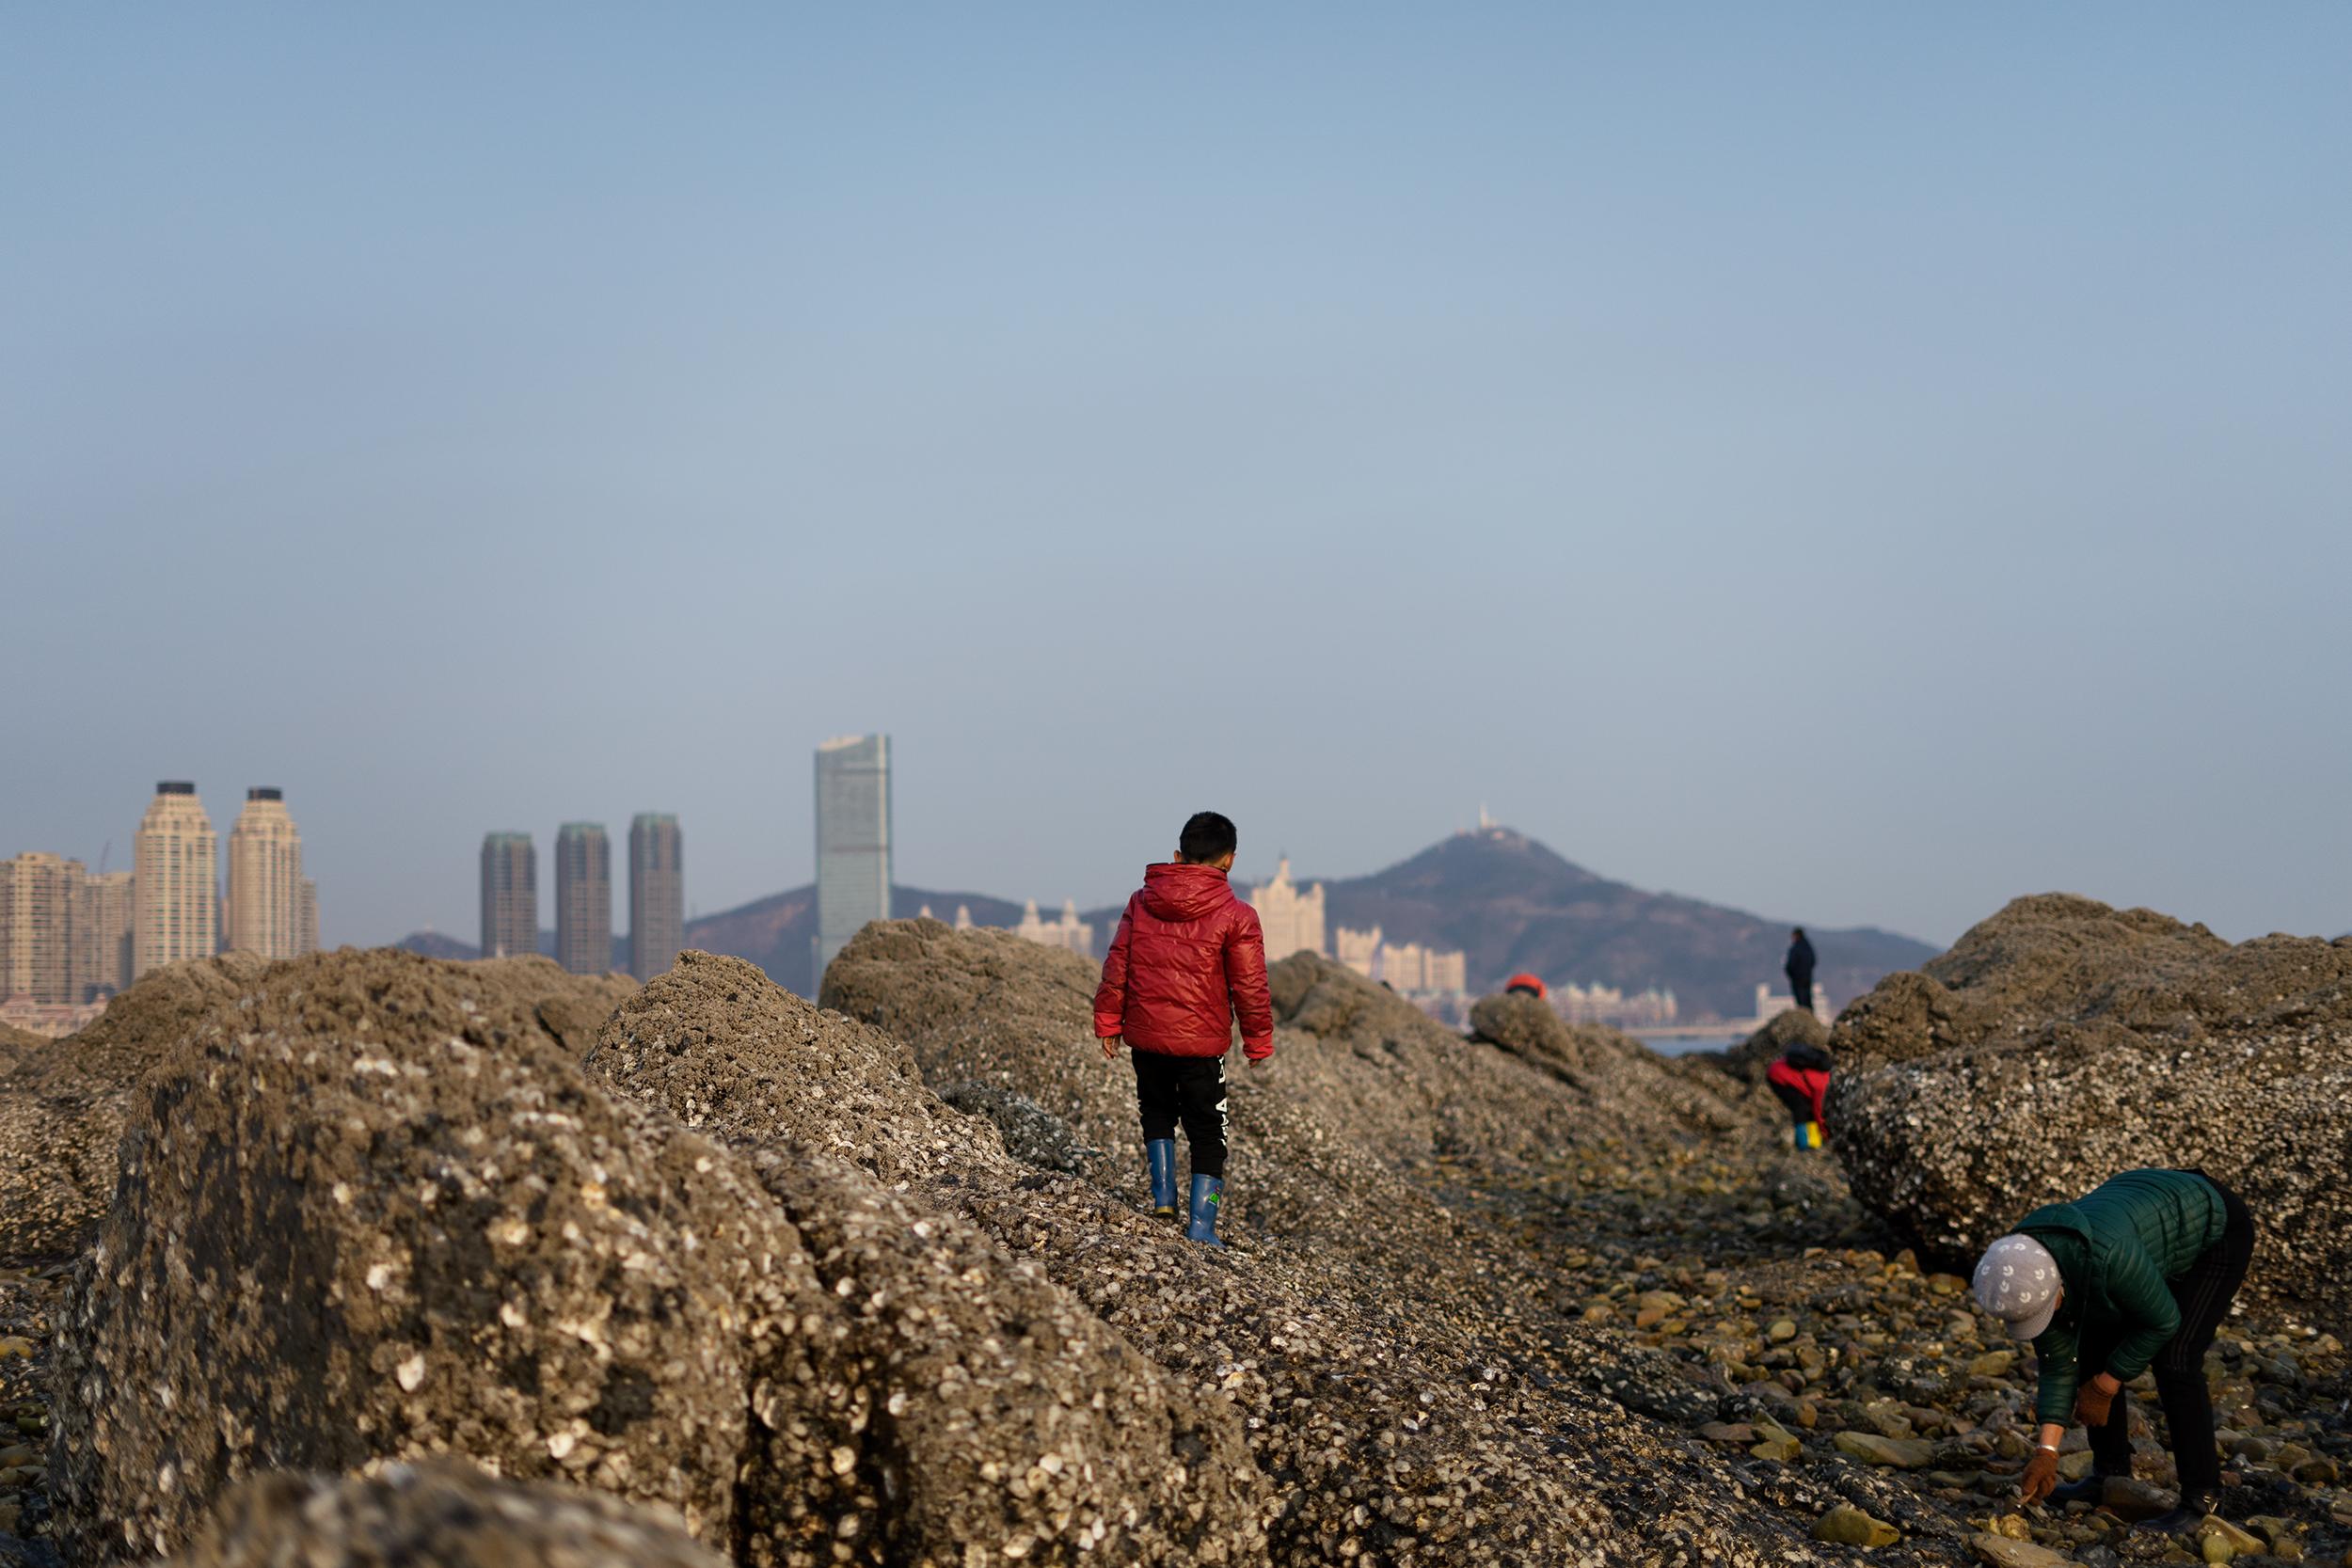 Dalian, China, 2019.